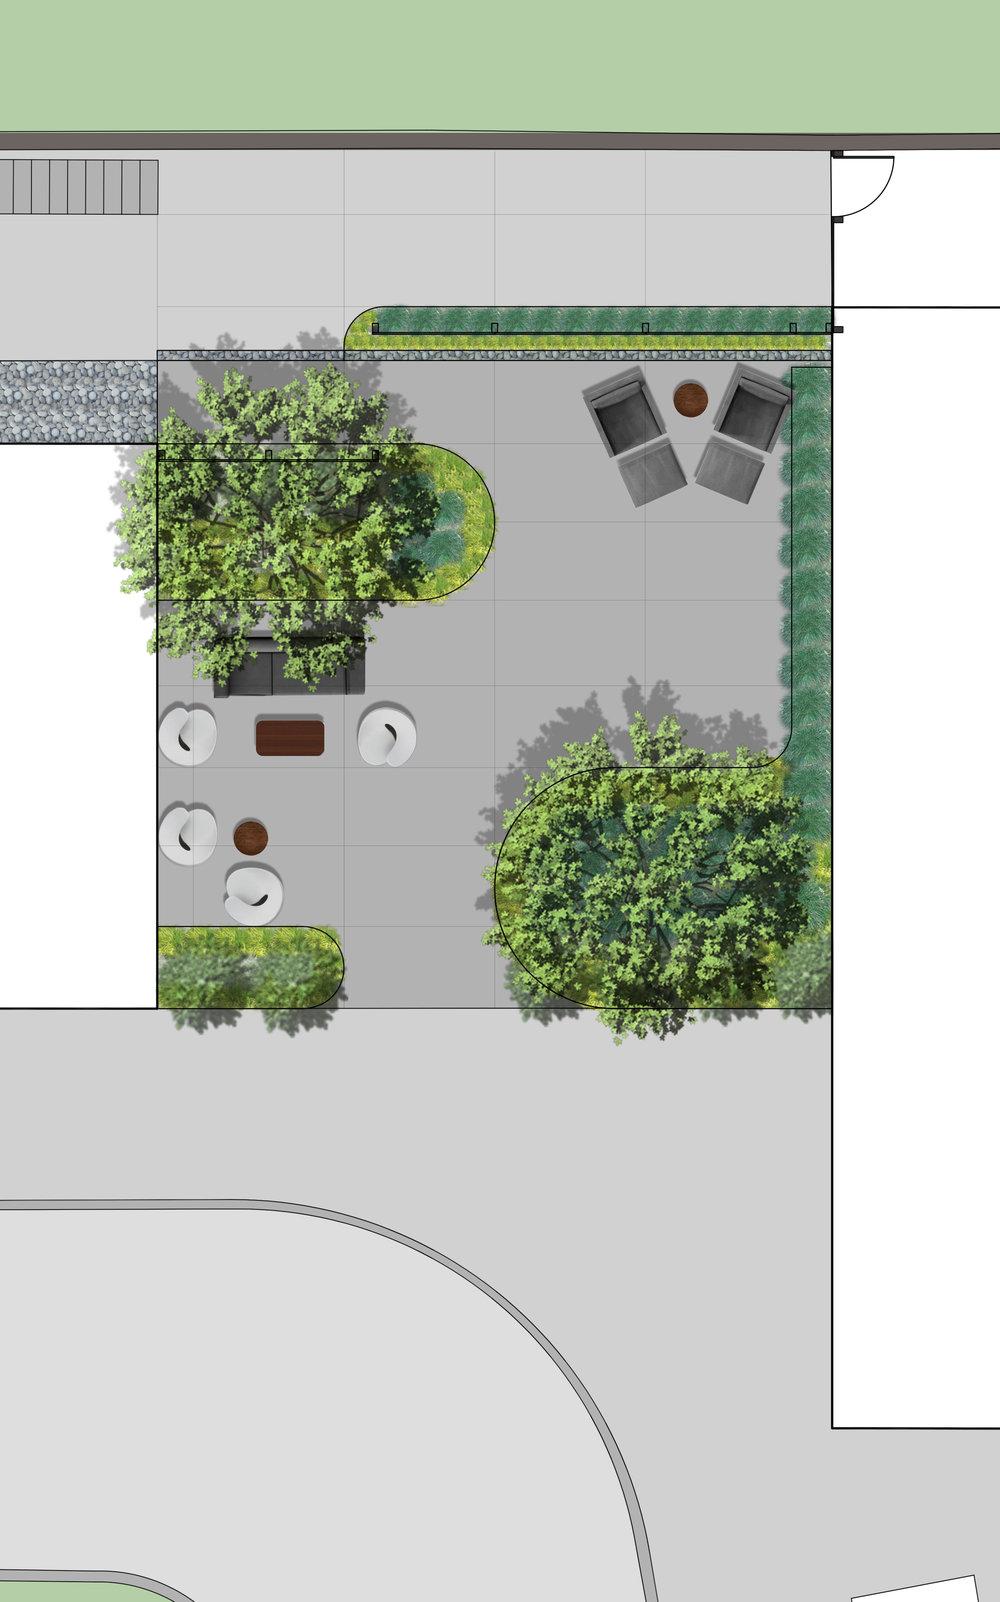 170201_VIA_rendered plan.jpg